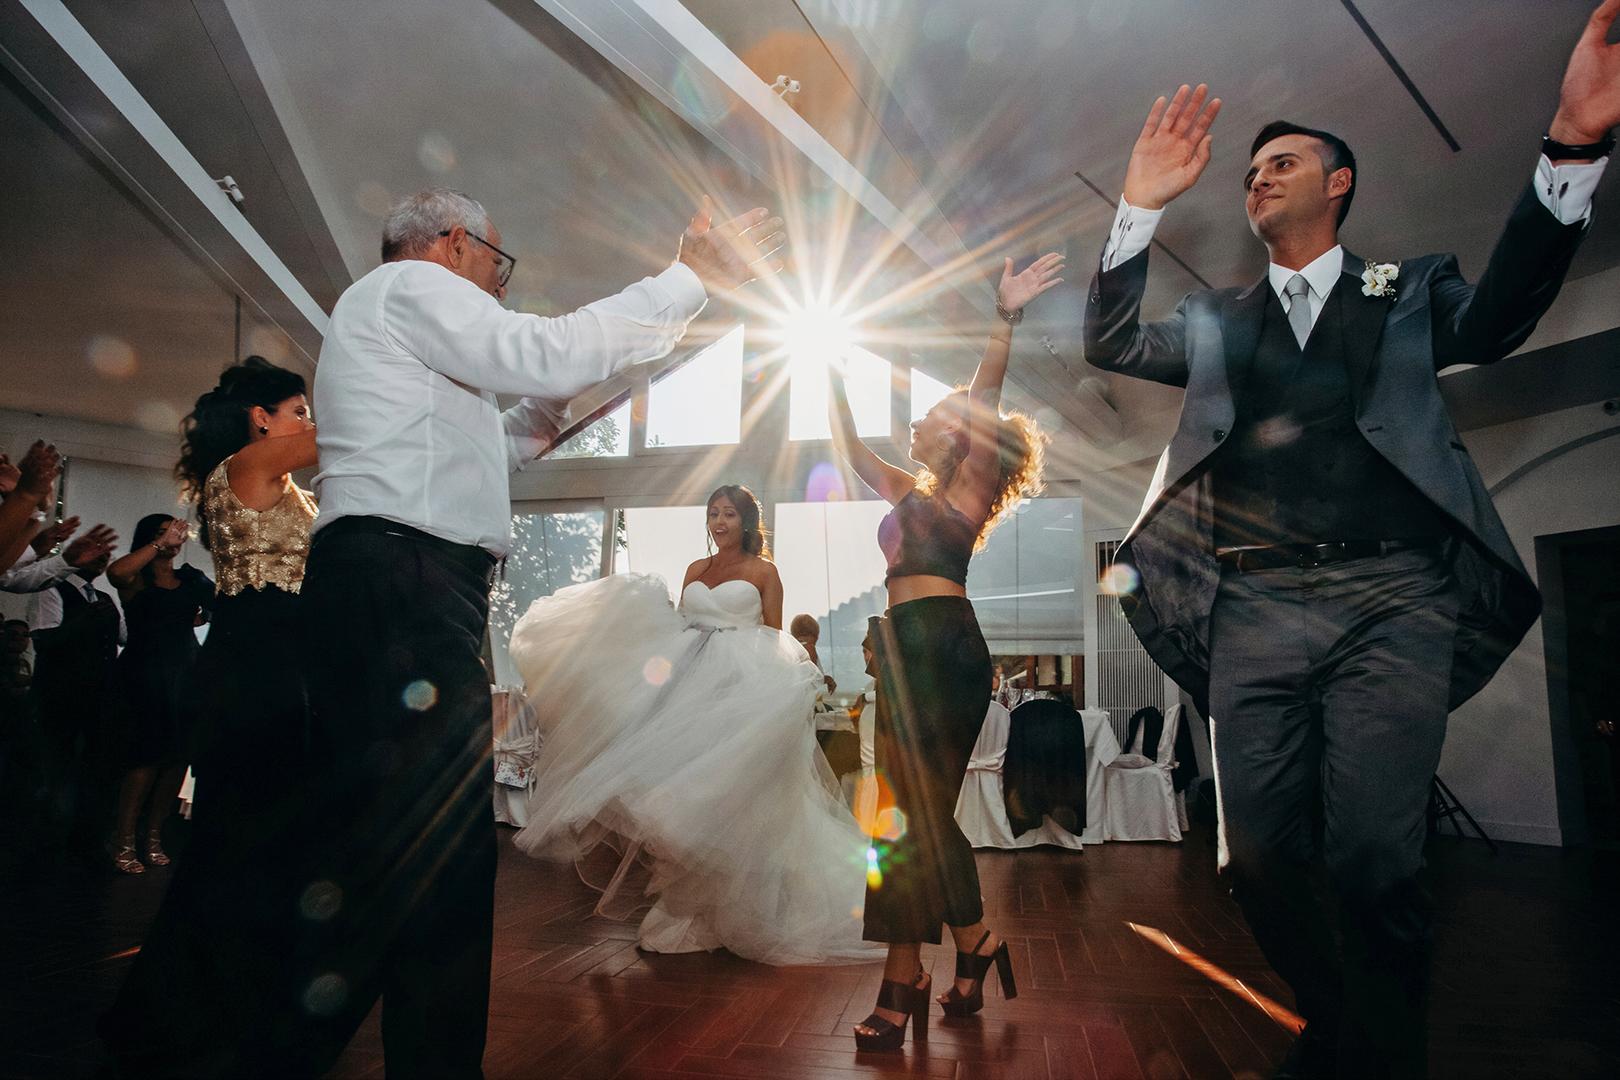 55 gianni-lepore-sala-ricevimento-festa-balli